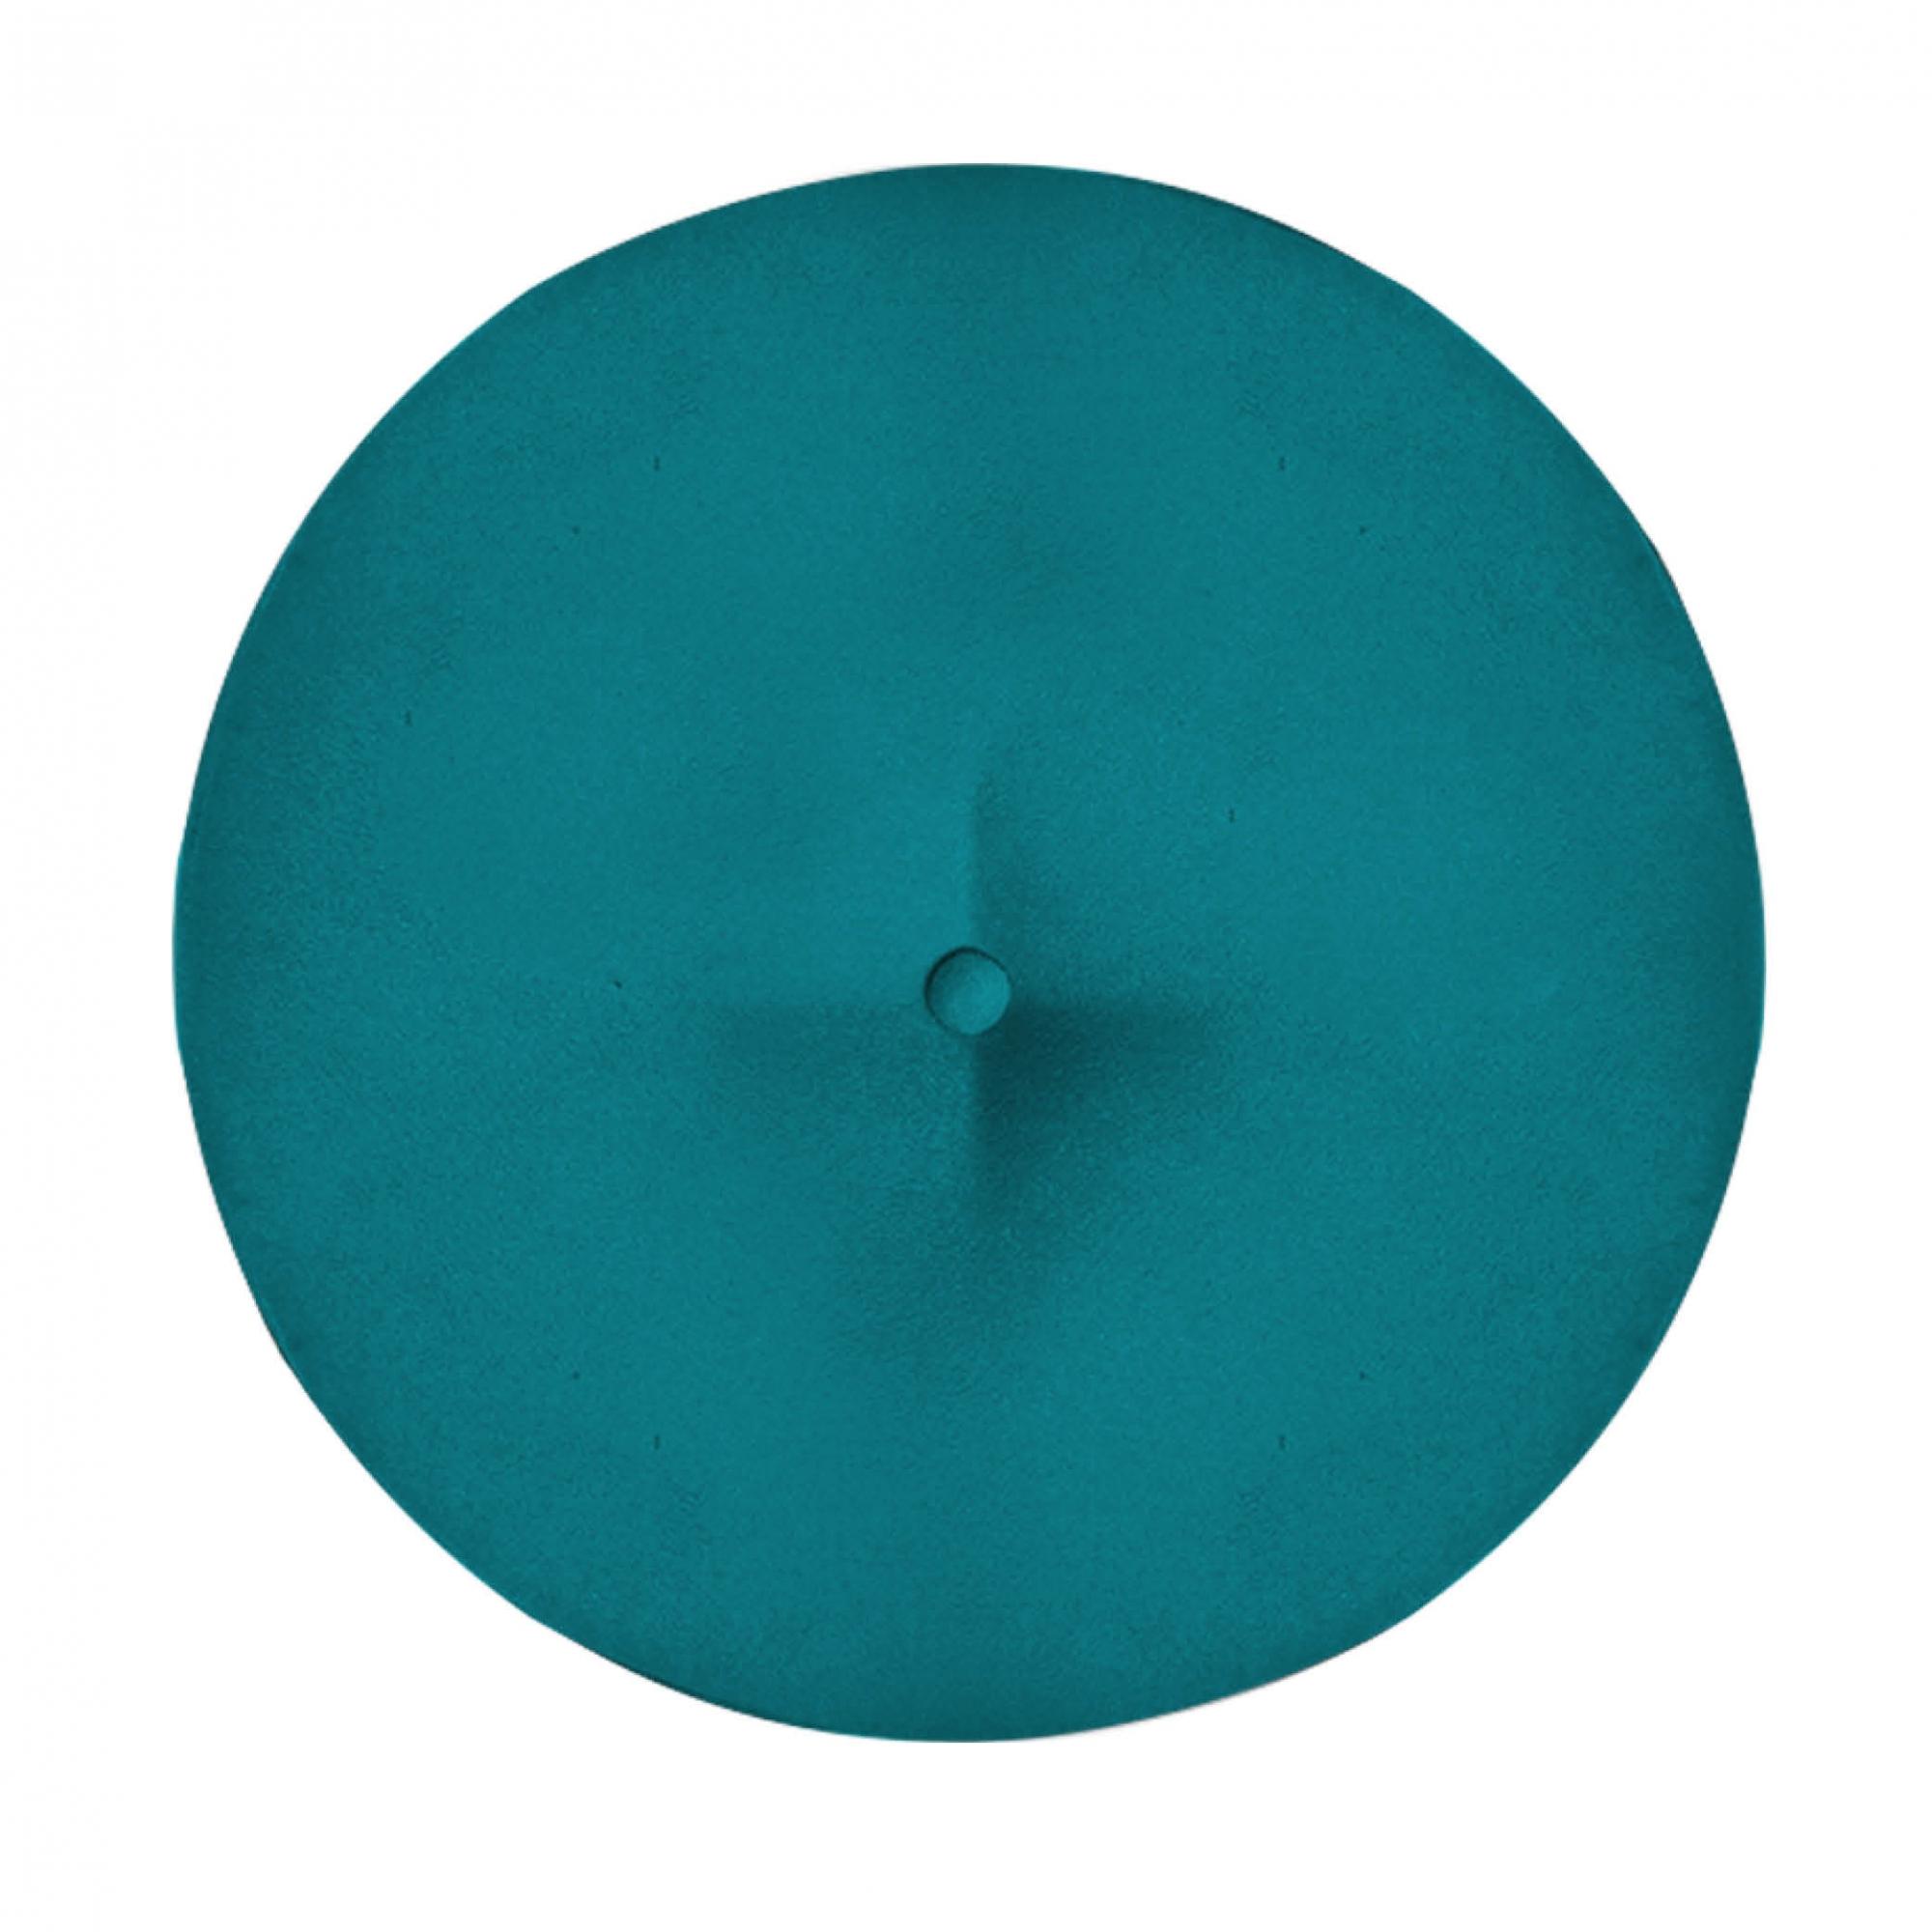 Kit 4 Puff Duda Decoração Redondo Recepção Escritório Sala Estar Salão Quarto D'Classe Decor Suede Azul Tiffany